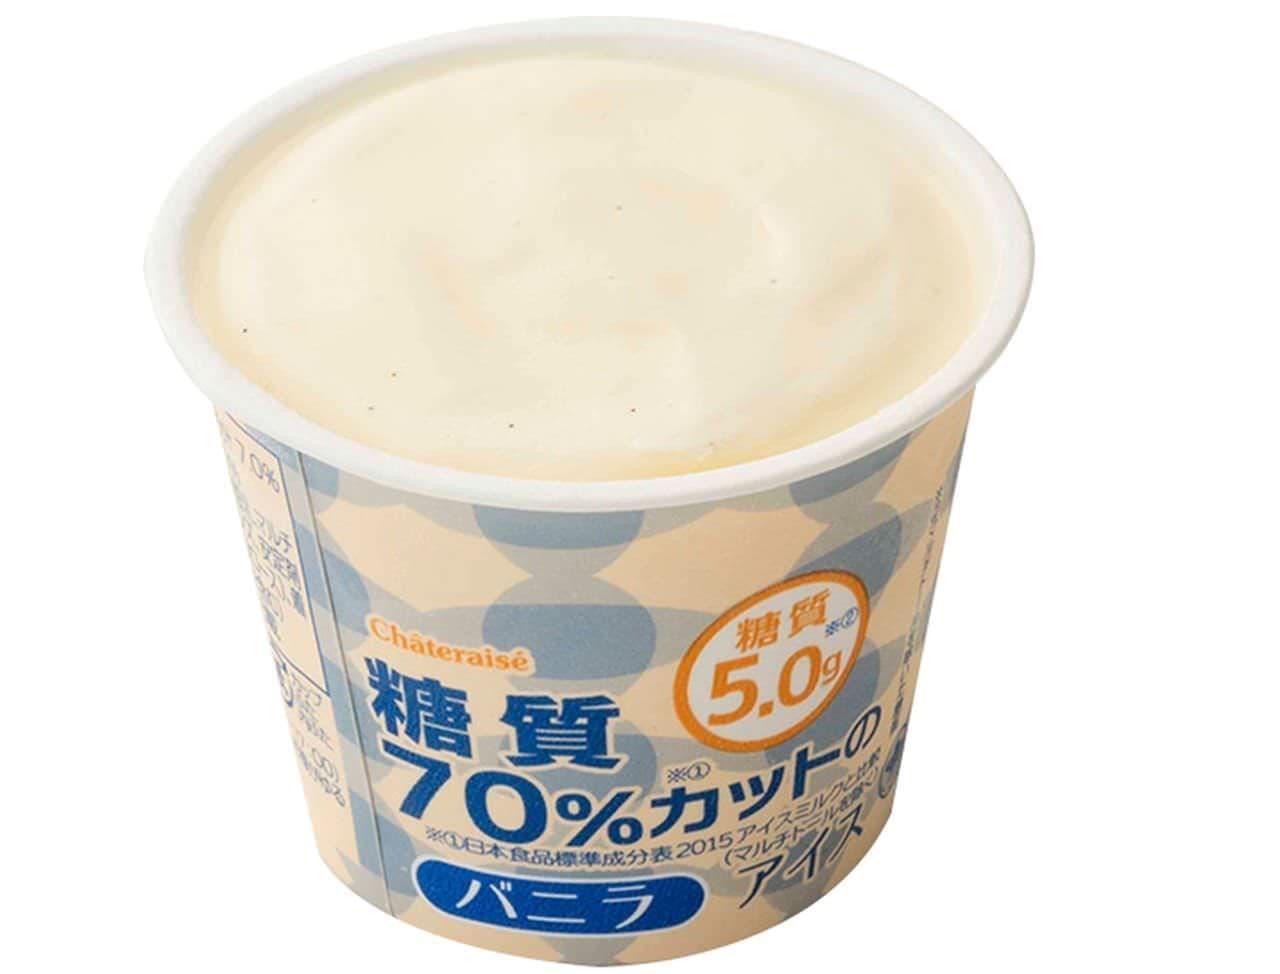 シャトレーゼ「糖質70%カットのアイス バニラ」